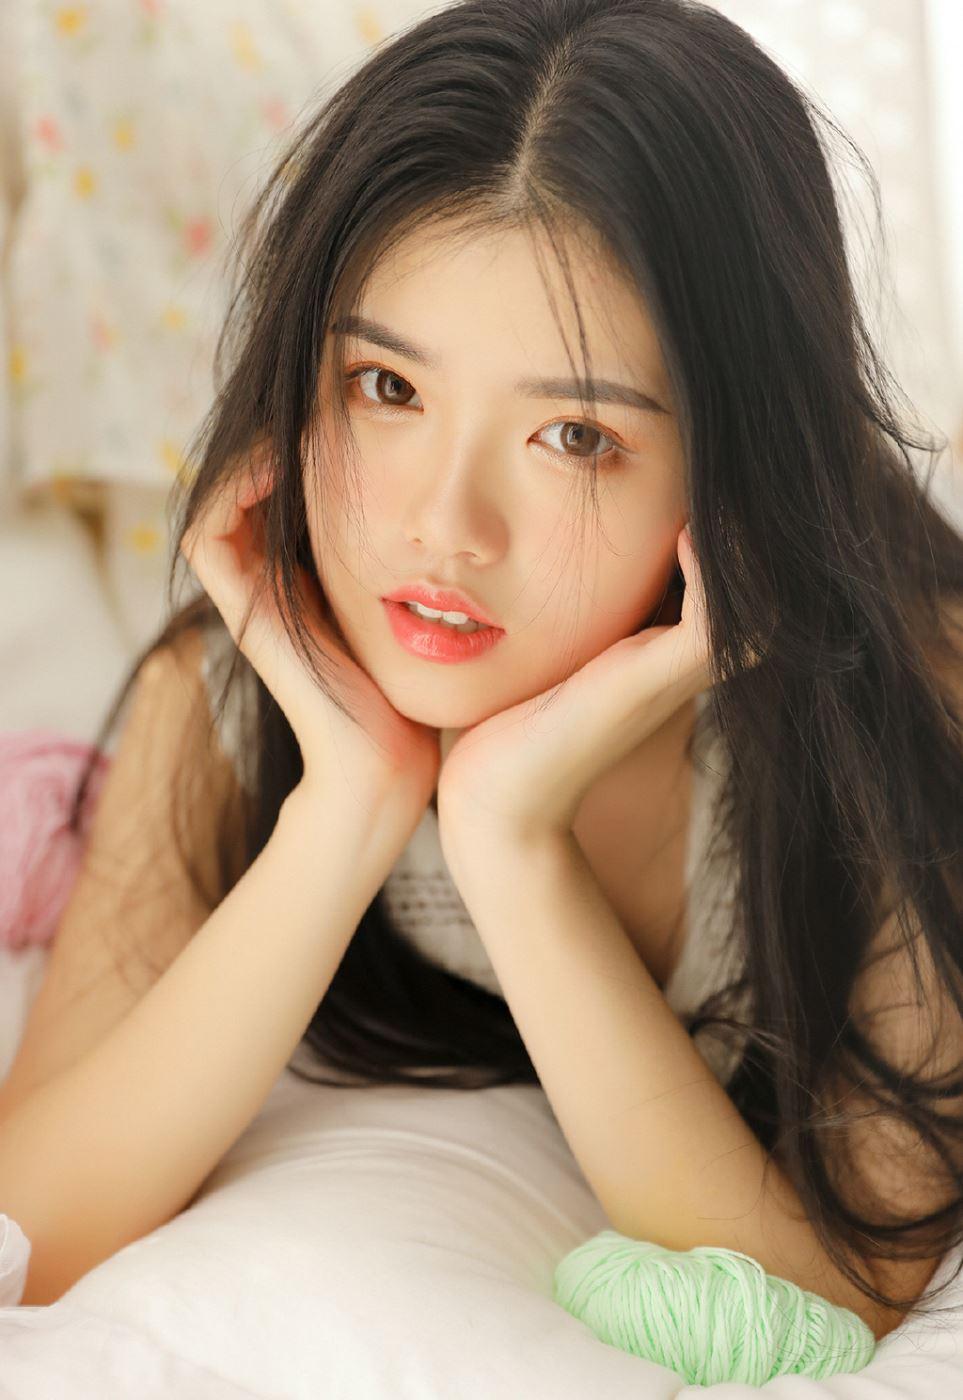 网红美女小姐姐极品大长腿清纯美女校花私房诱惑写真图片